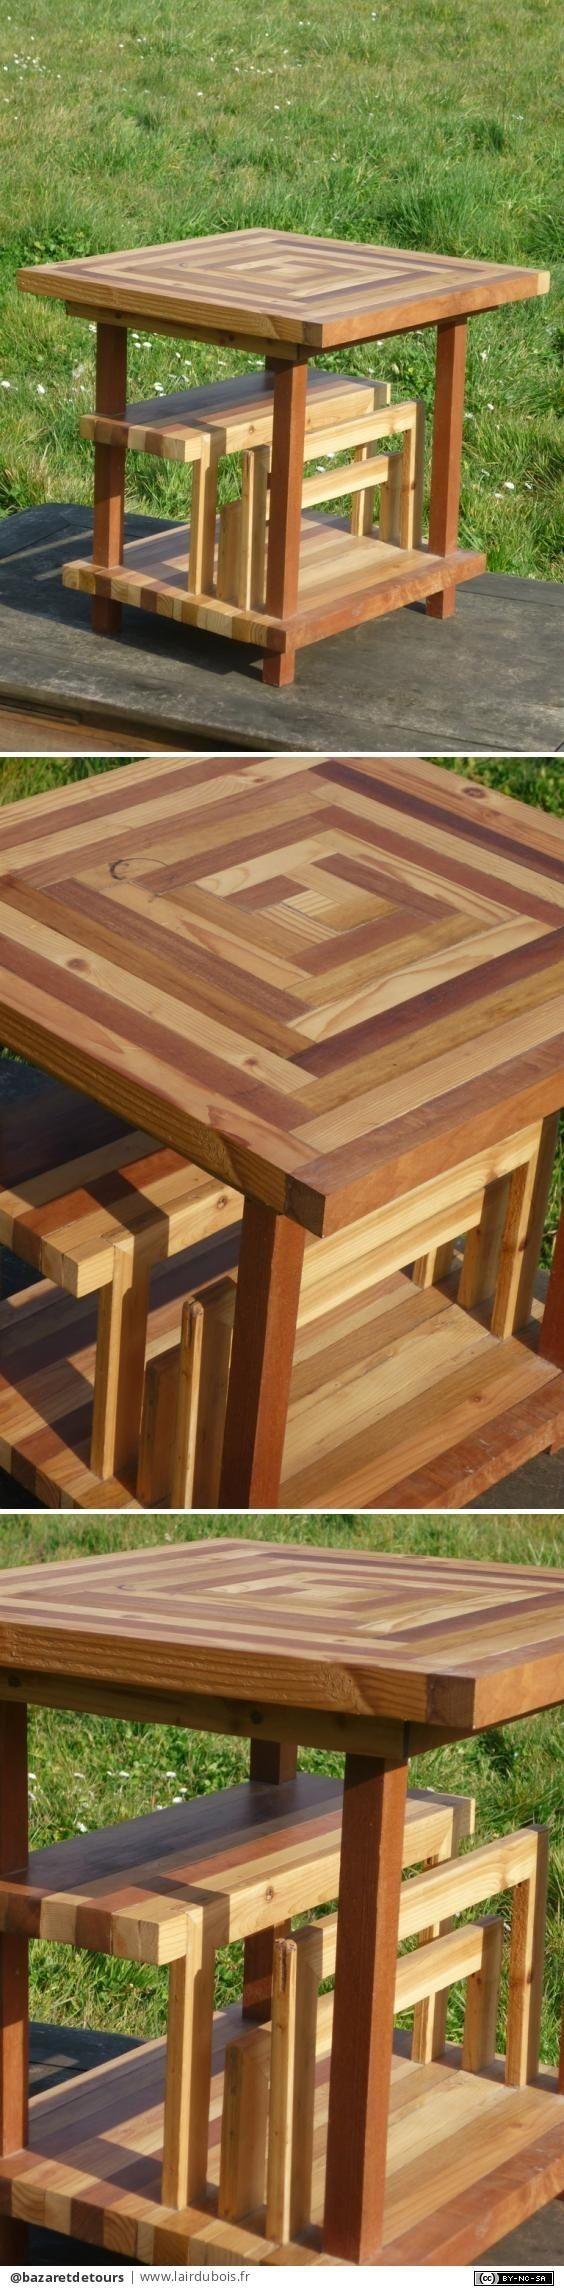 Tablentasso par bazaretdetours - Table réalisée il y a quelques années Insertion de cadres de récup pour pouvoir y glisser de grands livres